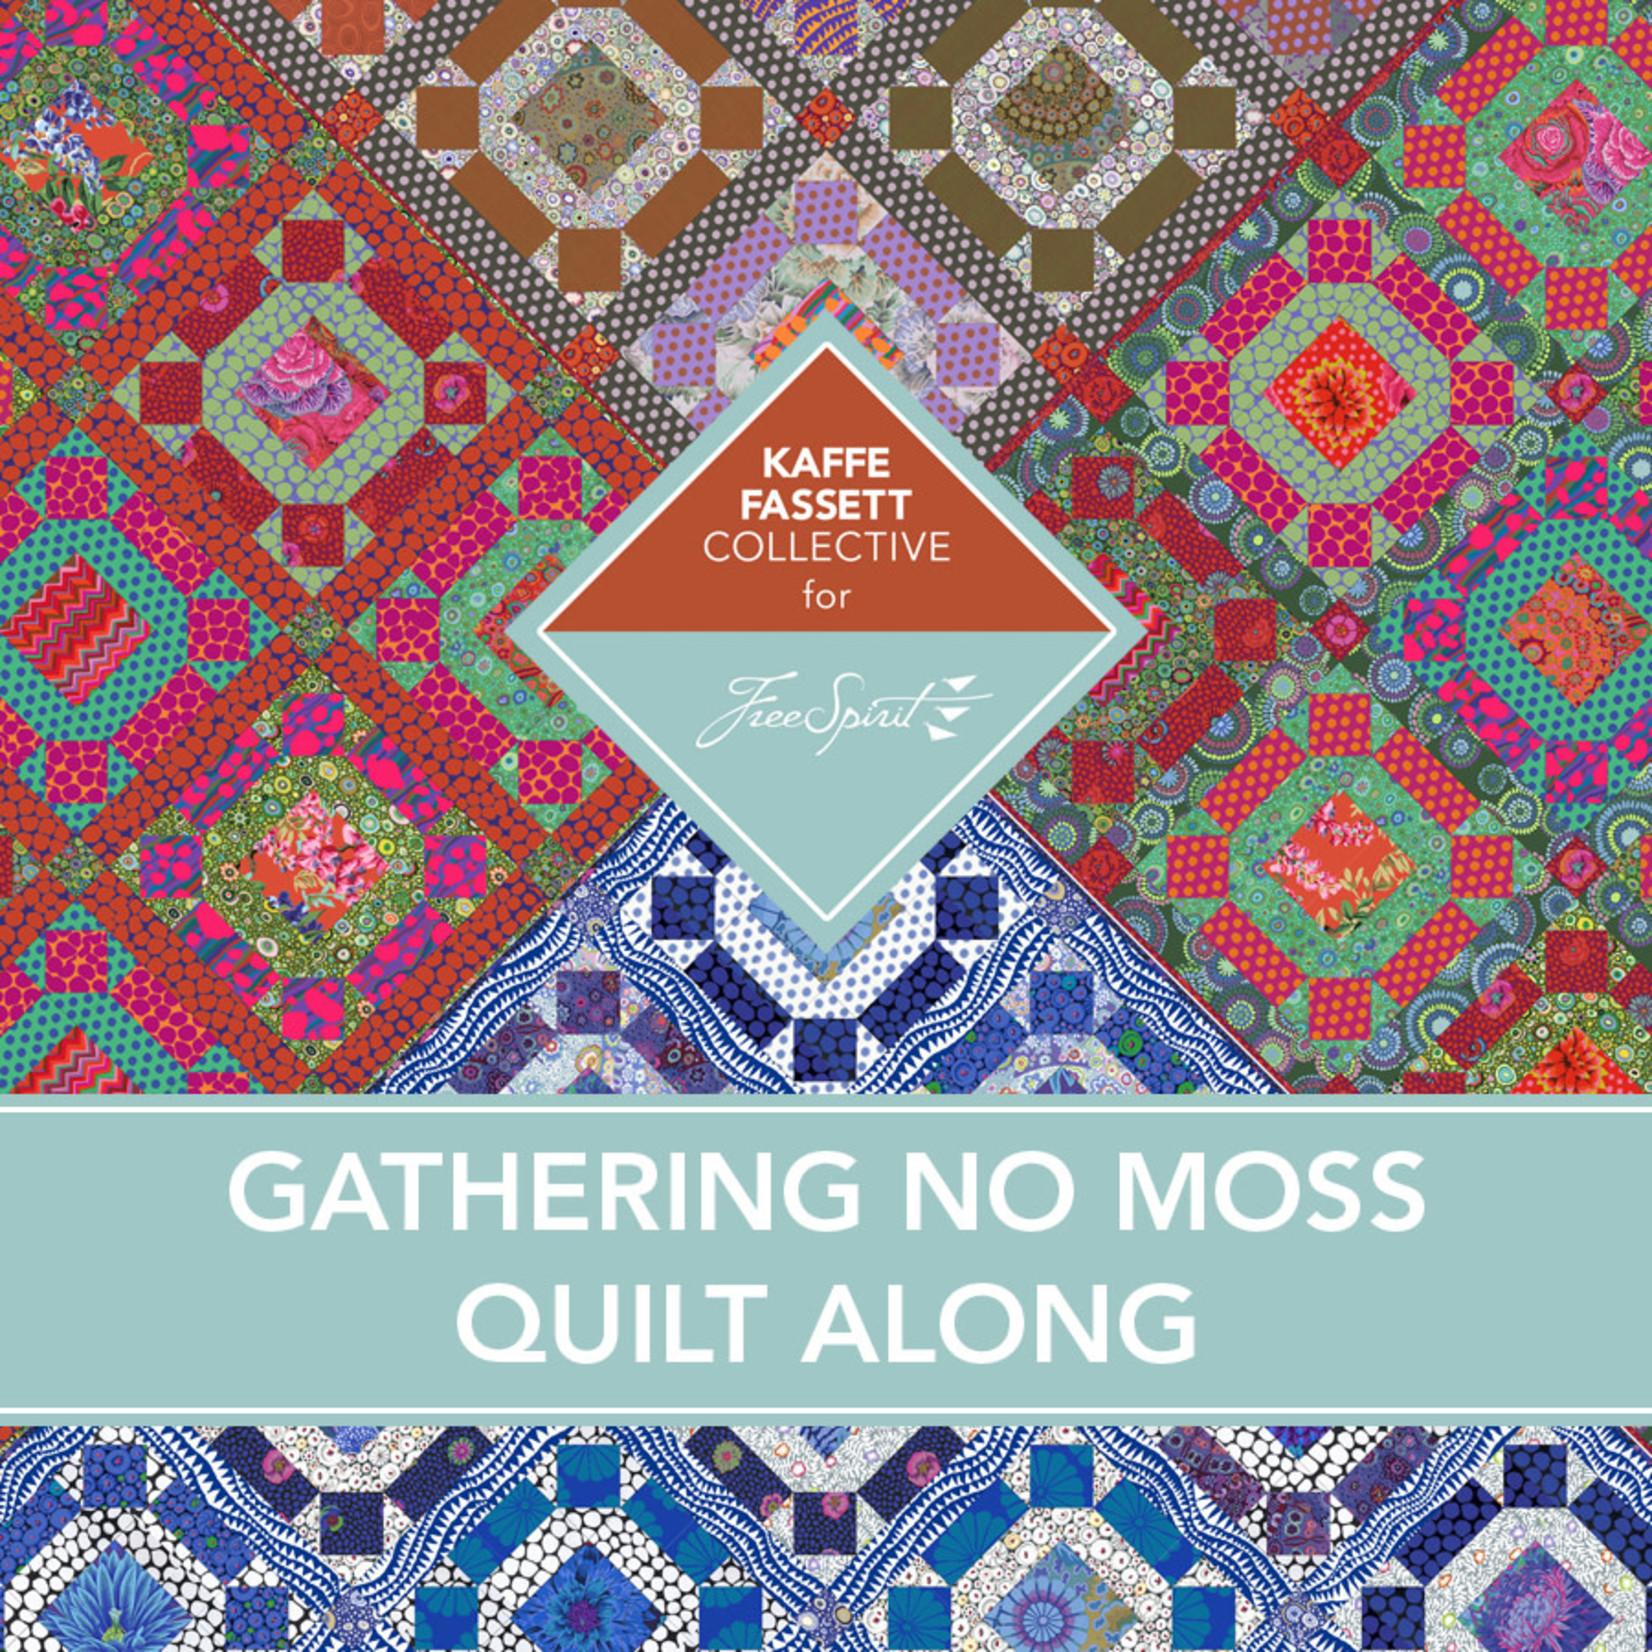 KAFFE FASSETT Gather No Moss Quilt Along